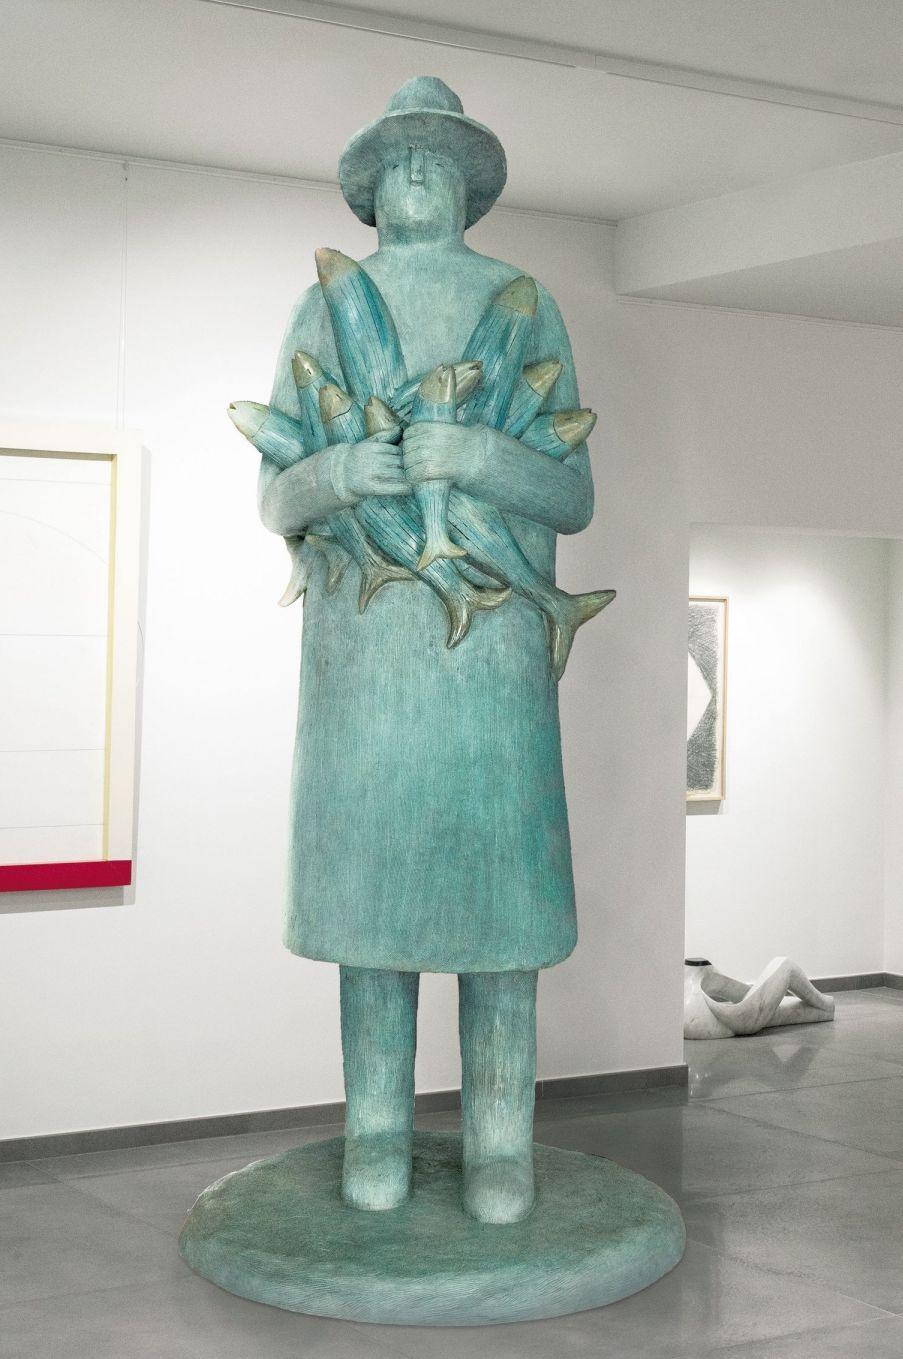 Vente Art Contemporain, Moderne et Ancien chez De Vuyst : 605 lots